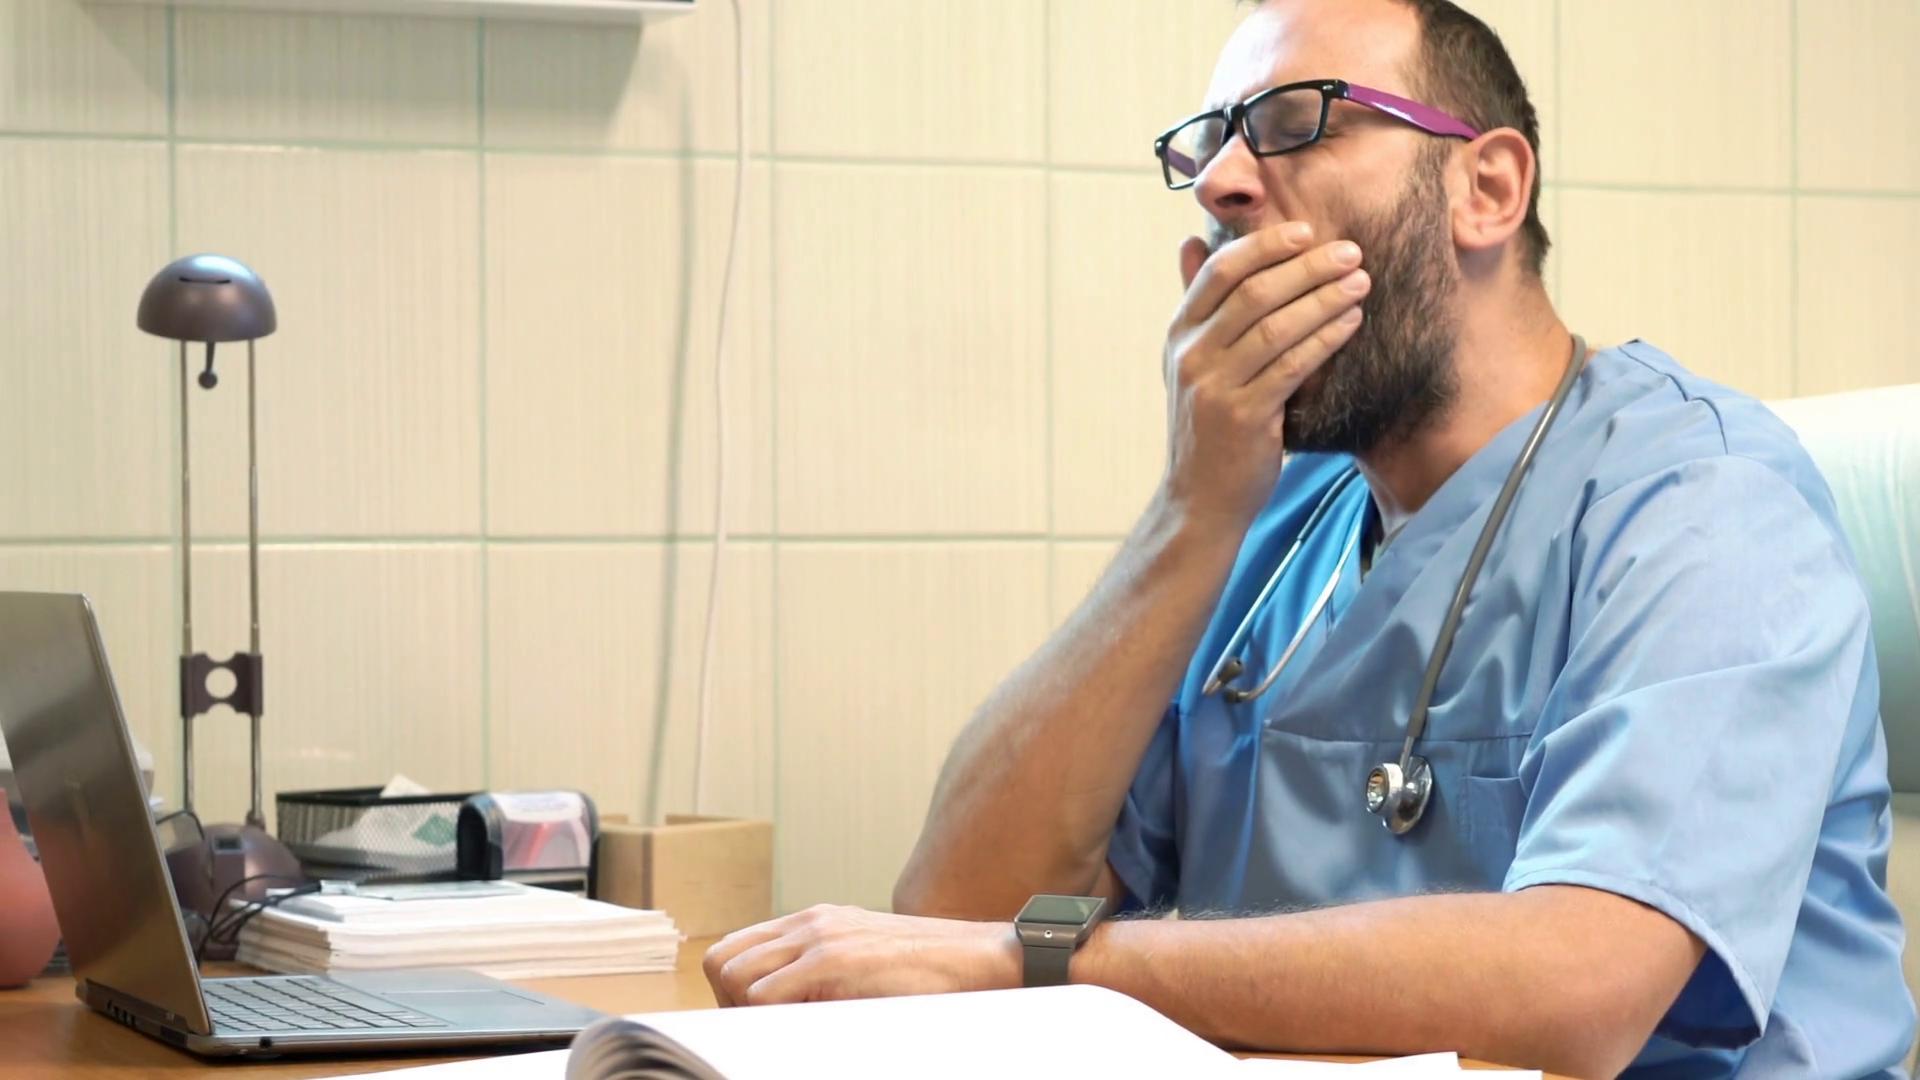 Одновременно врач может эффективно бороться либо ссобственной усталостью, либо сболезнью пациента.